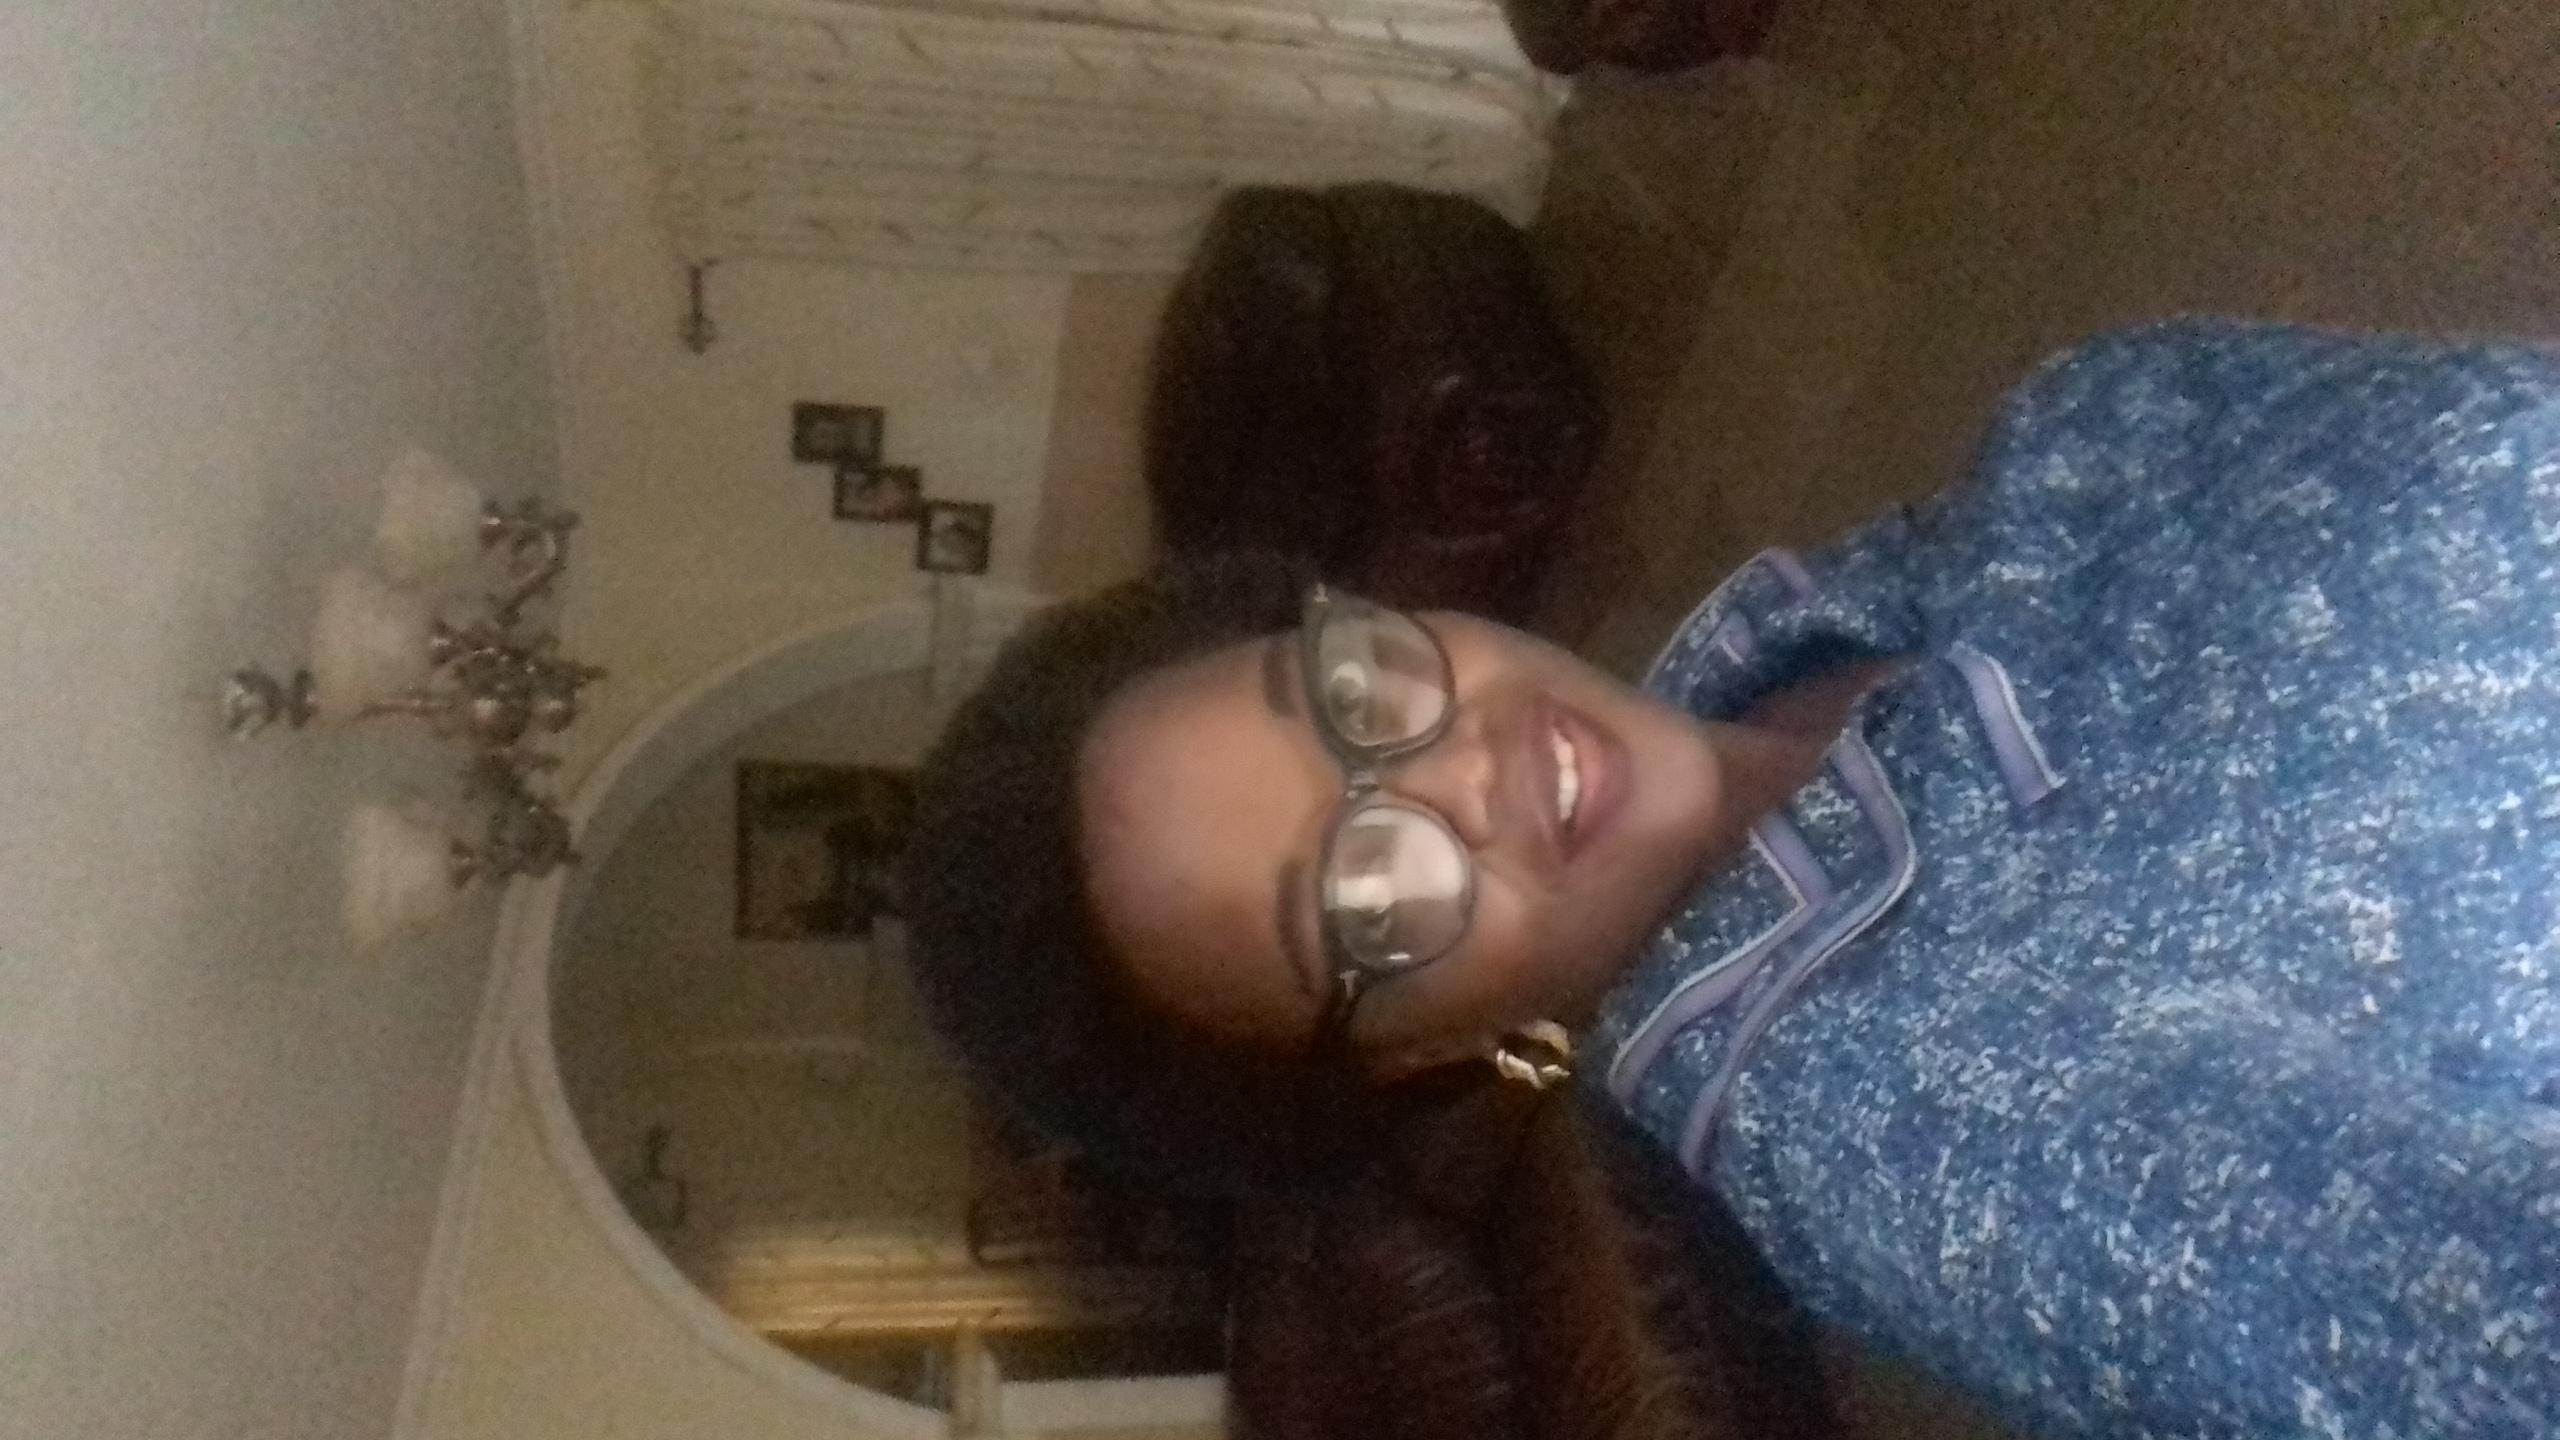 Anyaralu Onyekachi (@kachi)